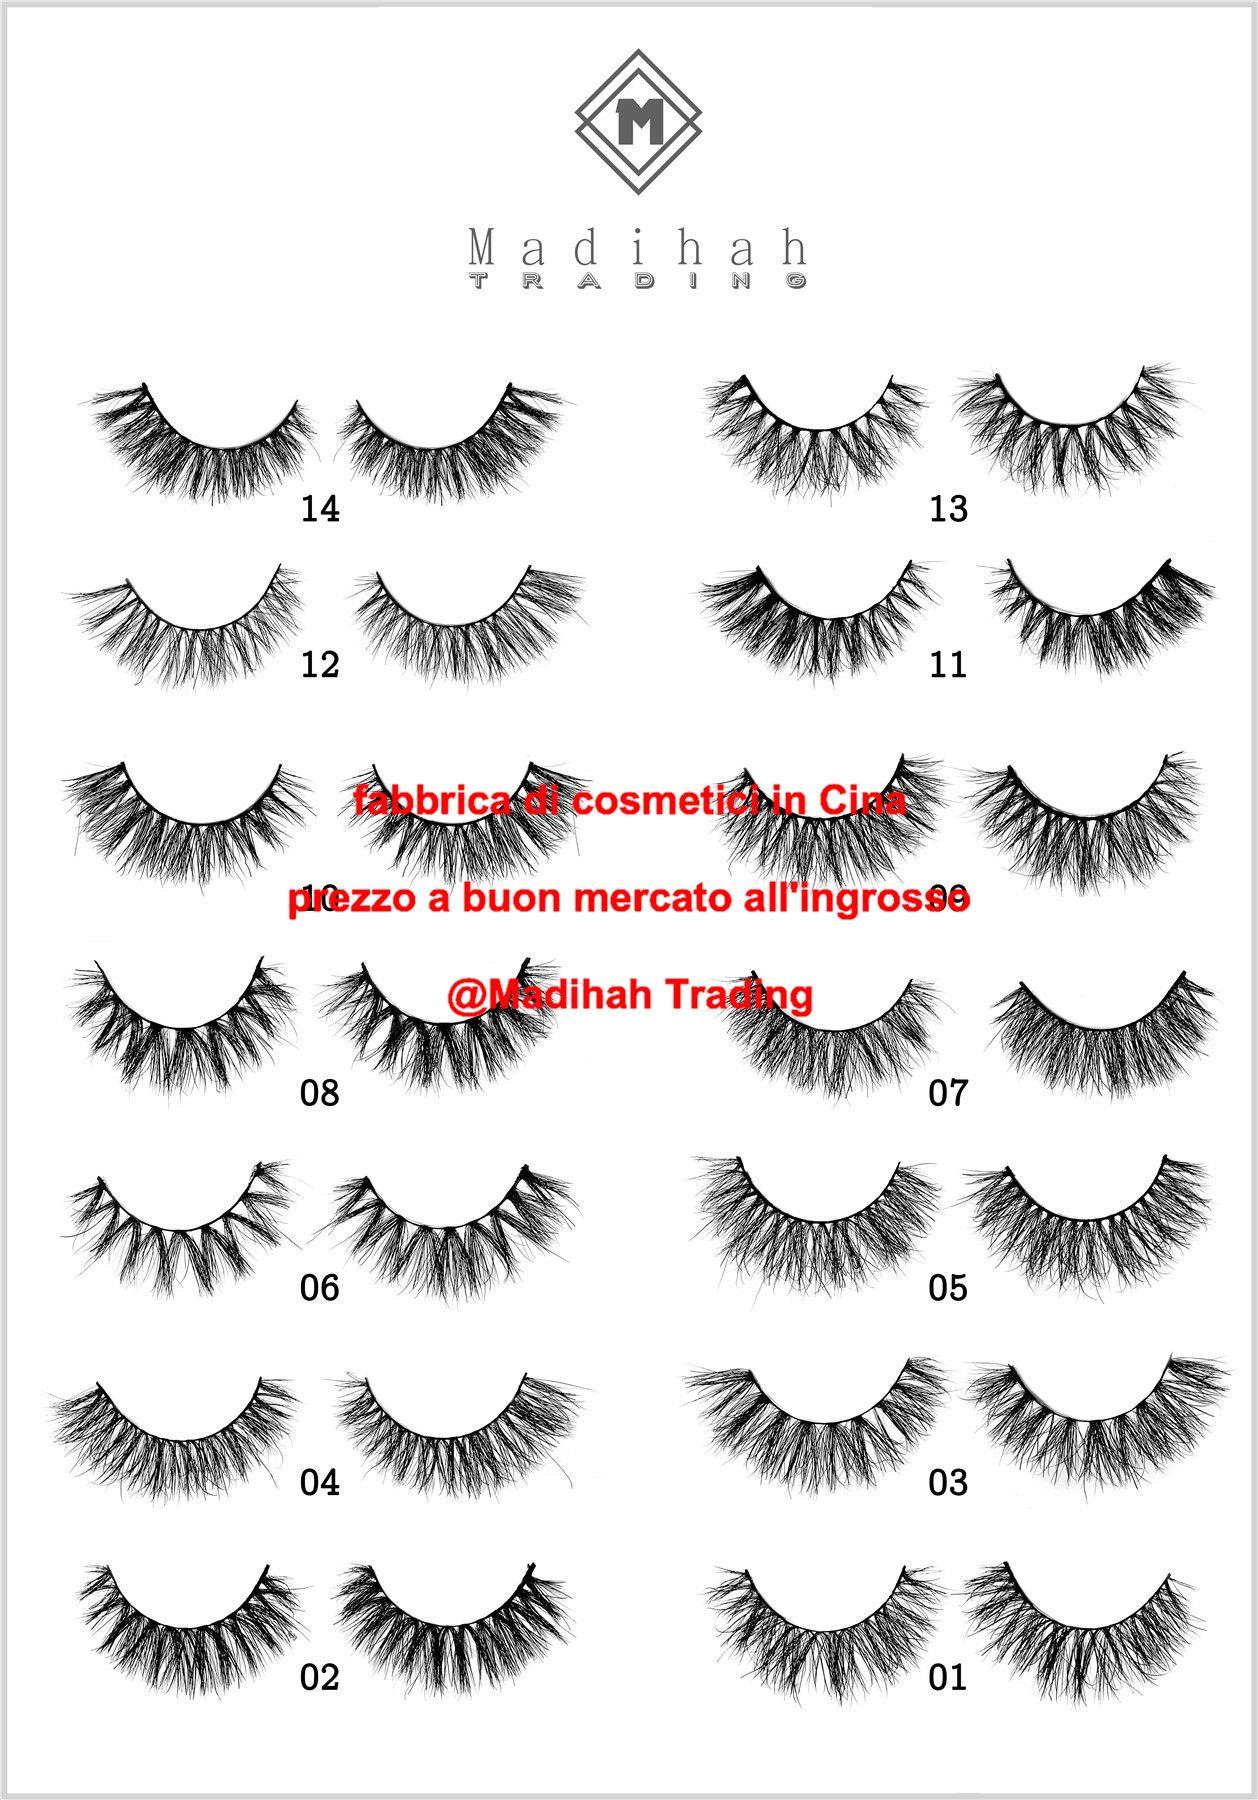 Custom Eyelash Manufacturer Eyelash Vendors Wholesale To Online Private Label Mink Lash Sup Private Label Cosmetics Mink Eyelashes Wholesale False Eyelashes Uk